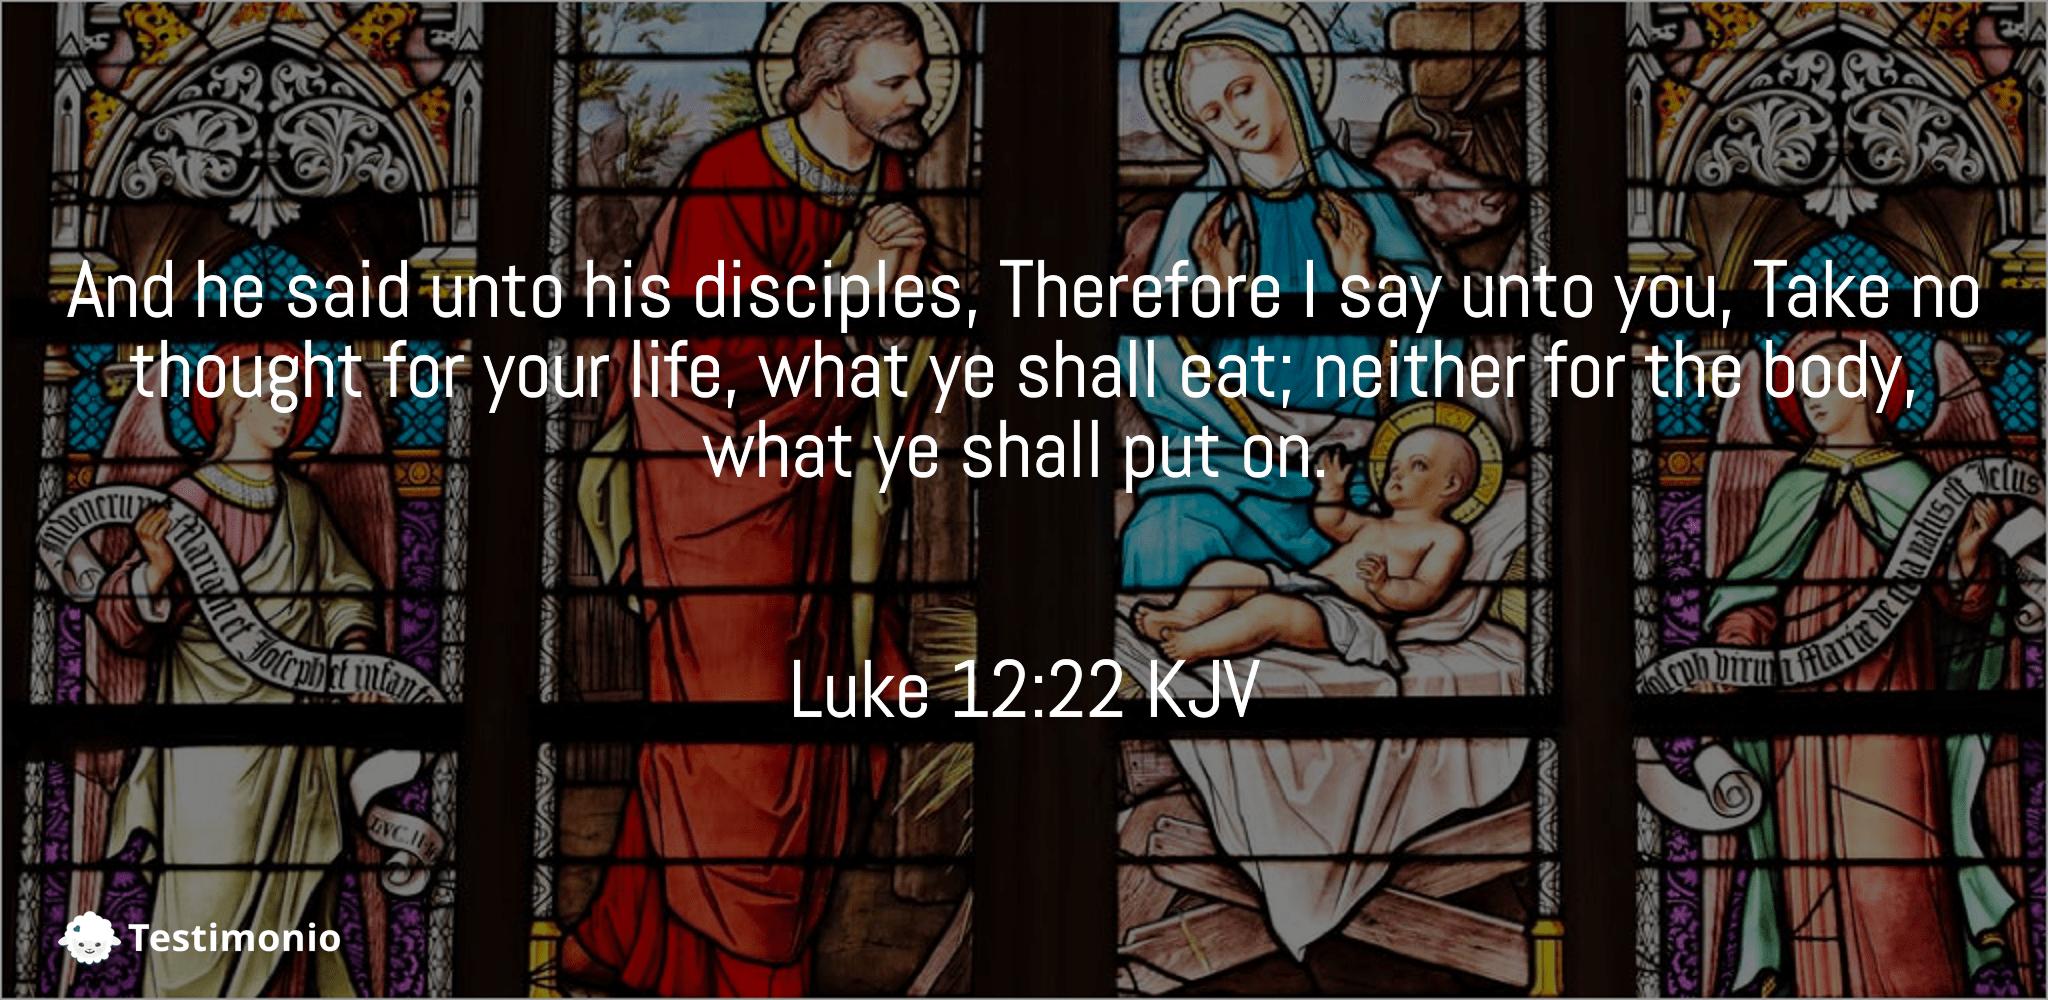 Luke 12:22